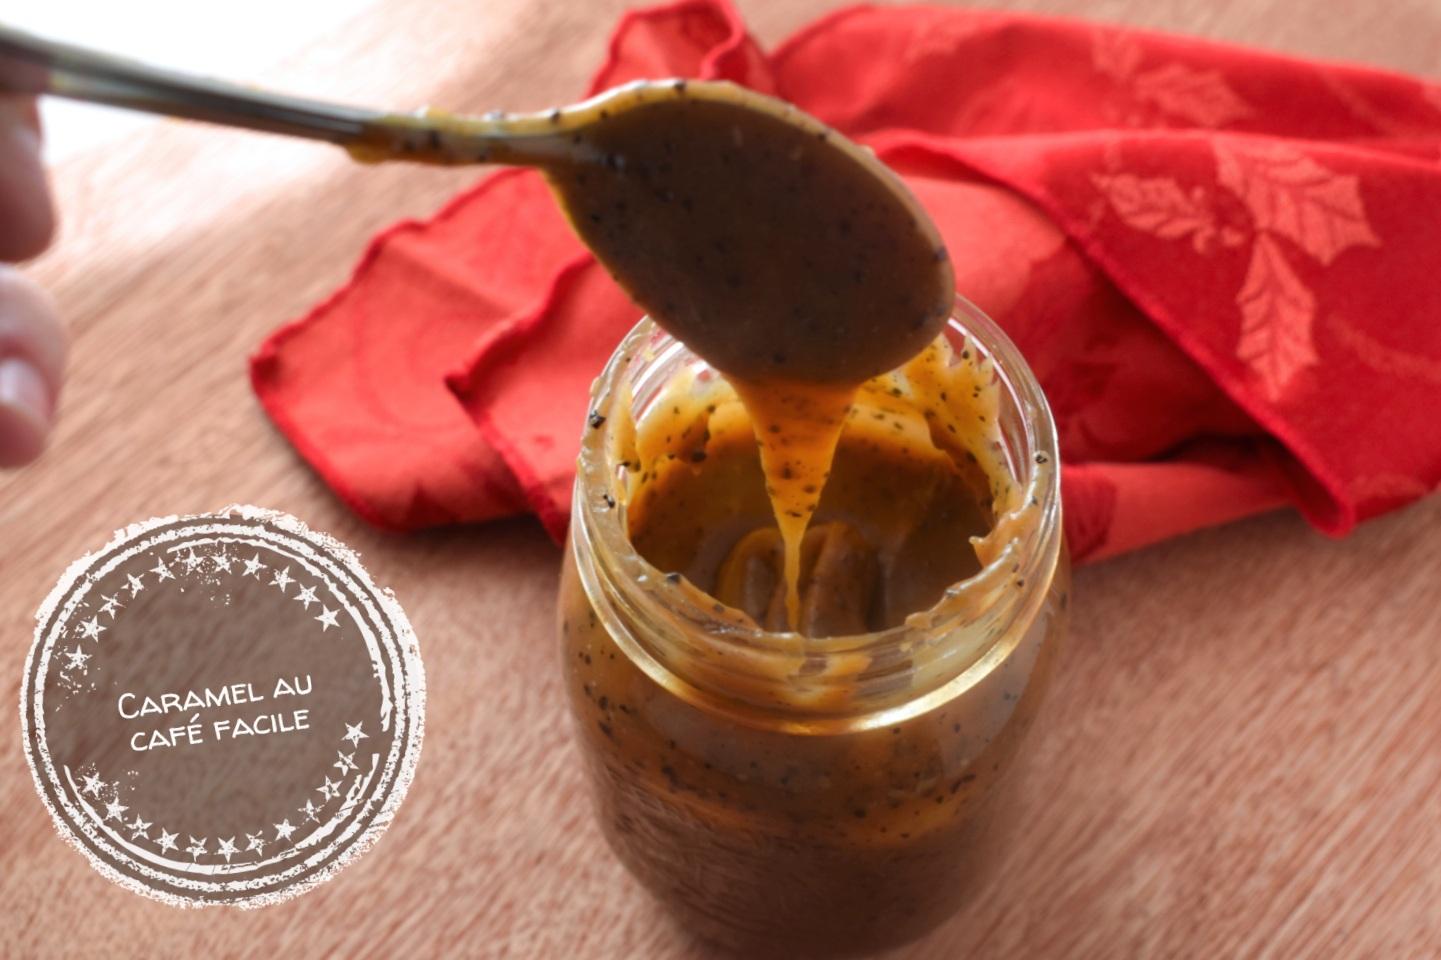 Caramel au café facile - Auboutdelalangue.com